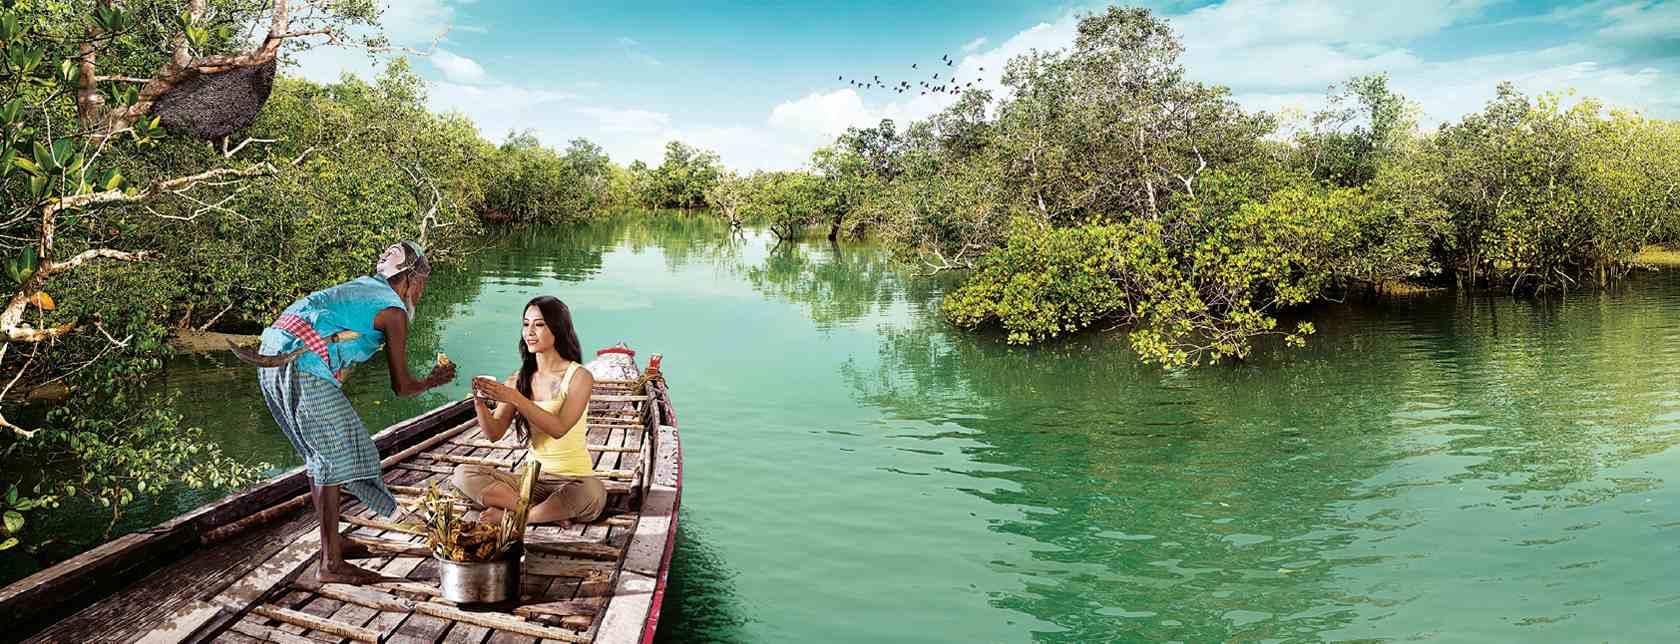 sundarbans_mangroves_inner